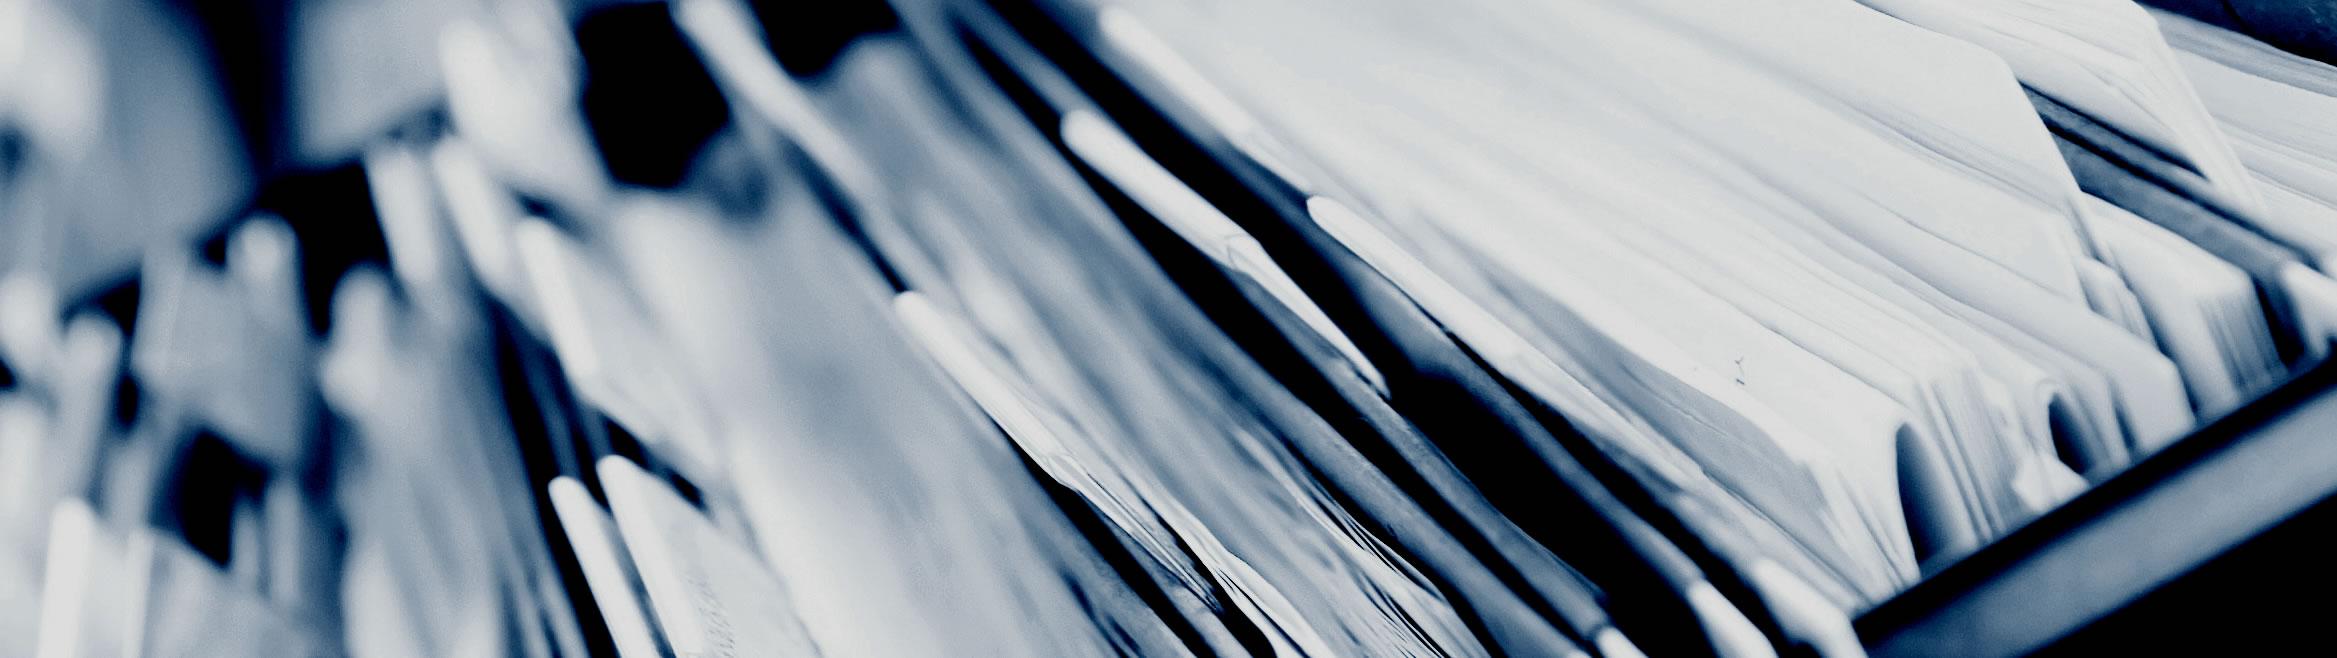 Mit unserem Archiv sind Ihre Dokumente an einem zentralen und geschützten Ort.